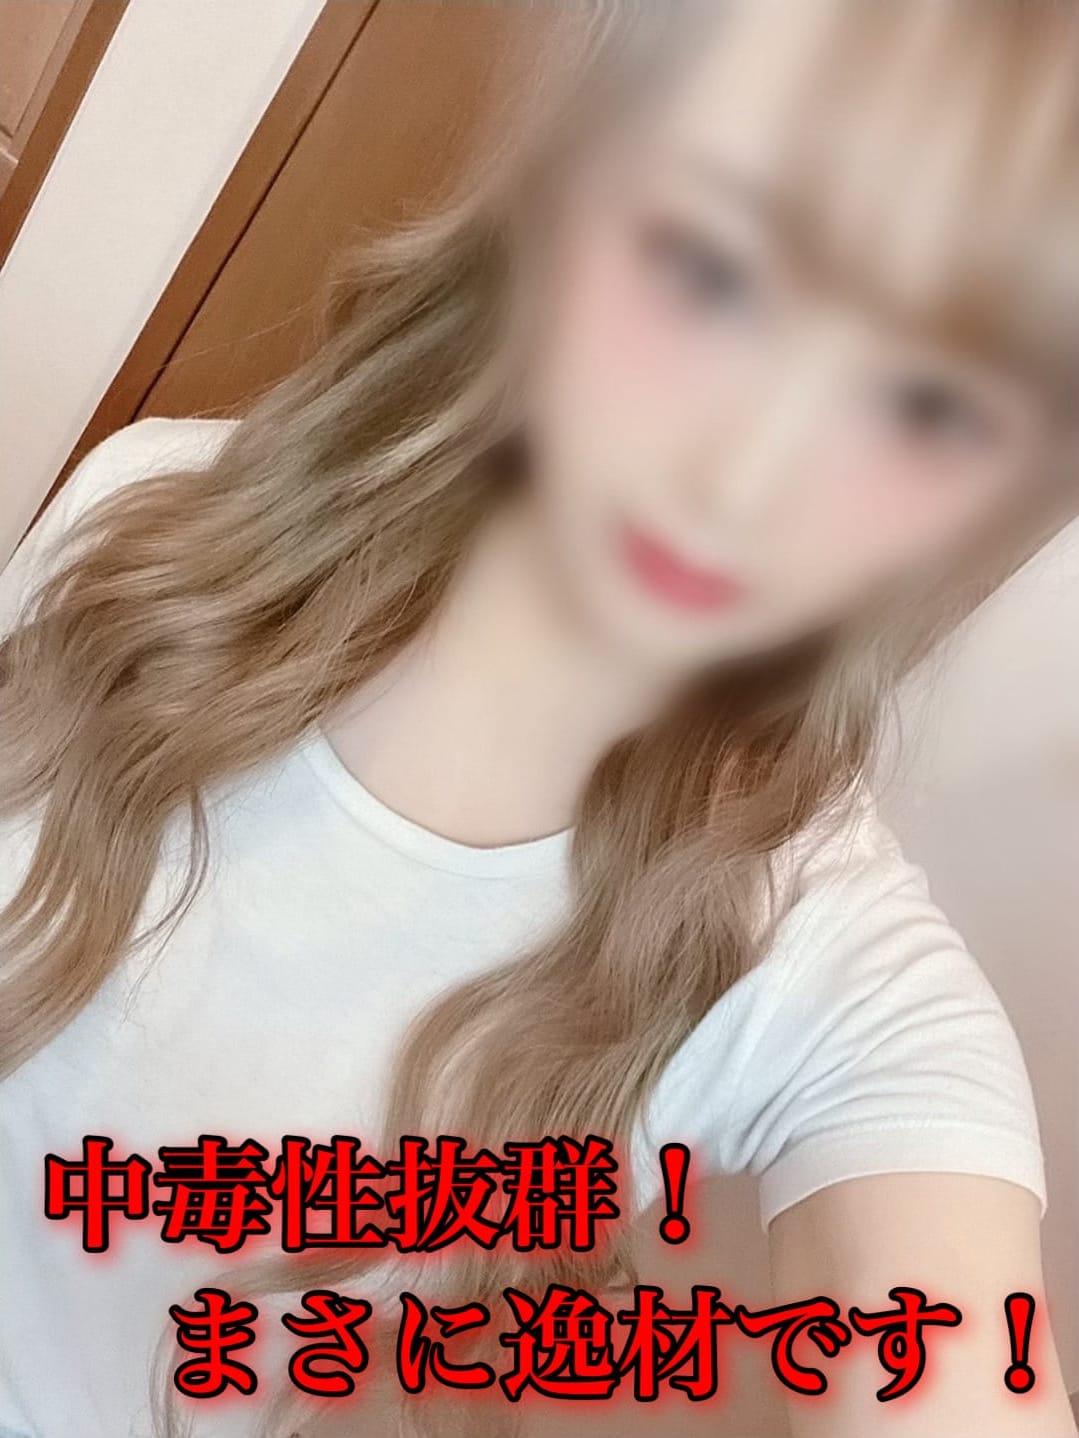 朝比奈 | RE アールイー()